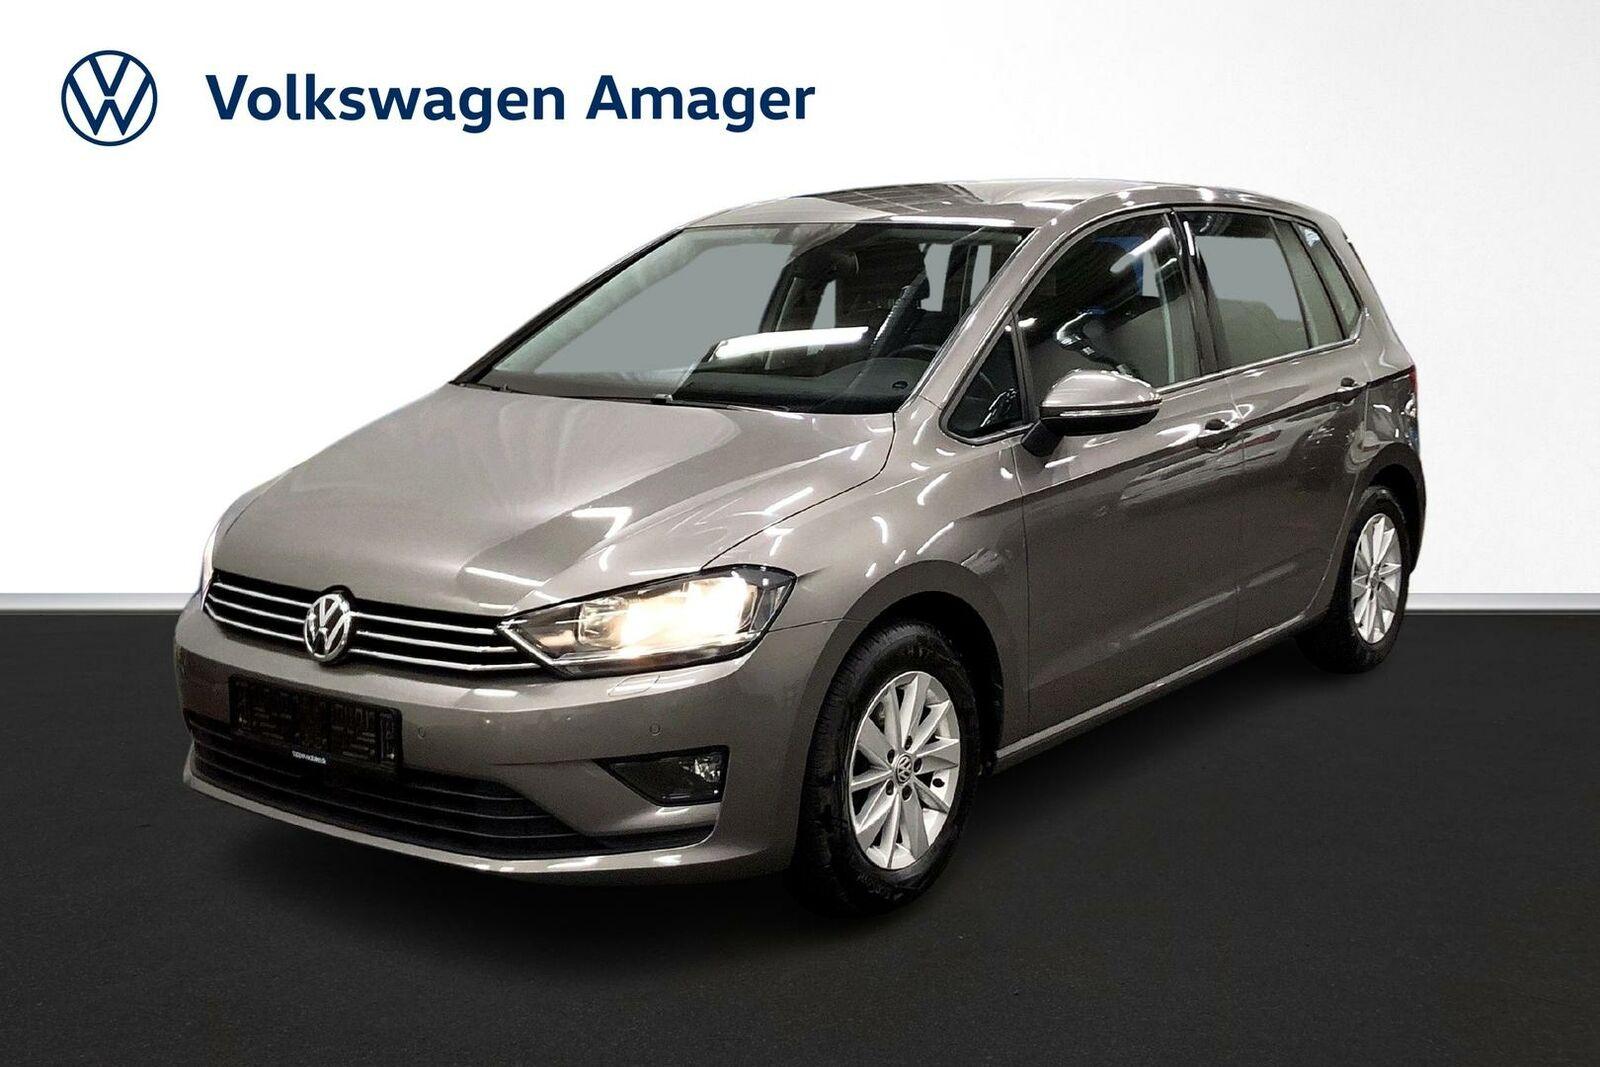 VW Golf Sportsvan 1,4 TSi 125 Comfortline DSG BMT 5d - 169.900 kr.